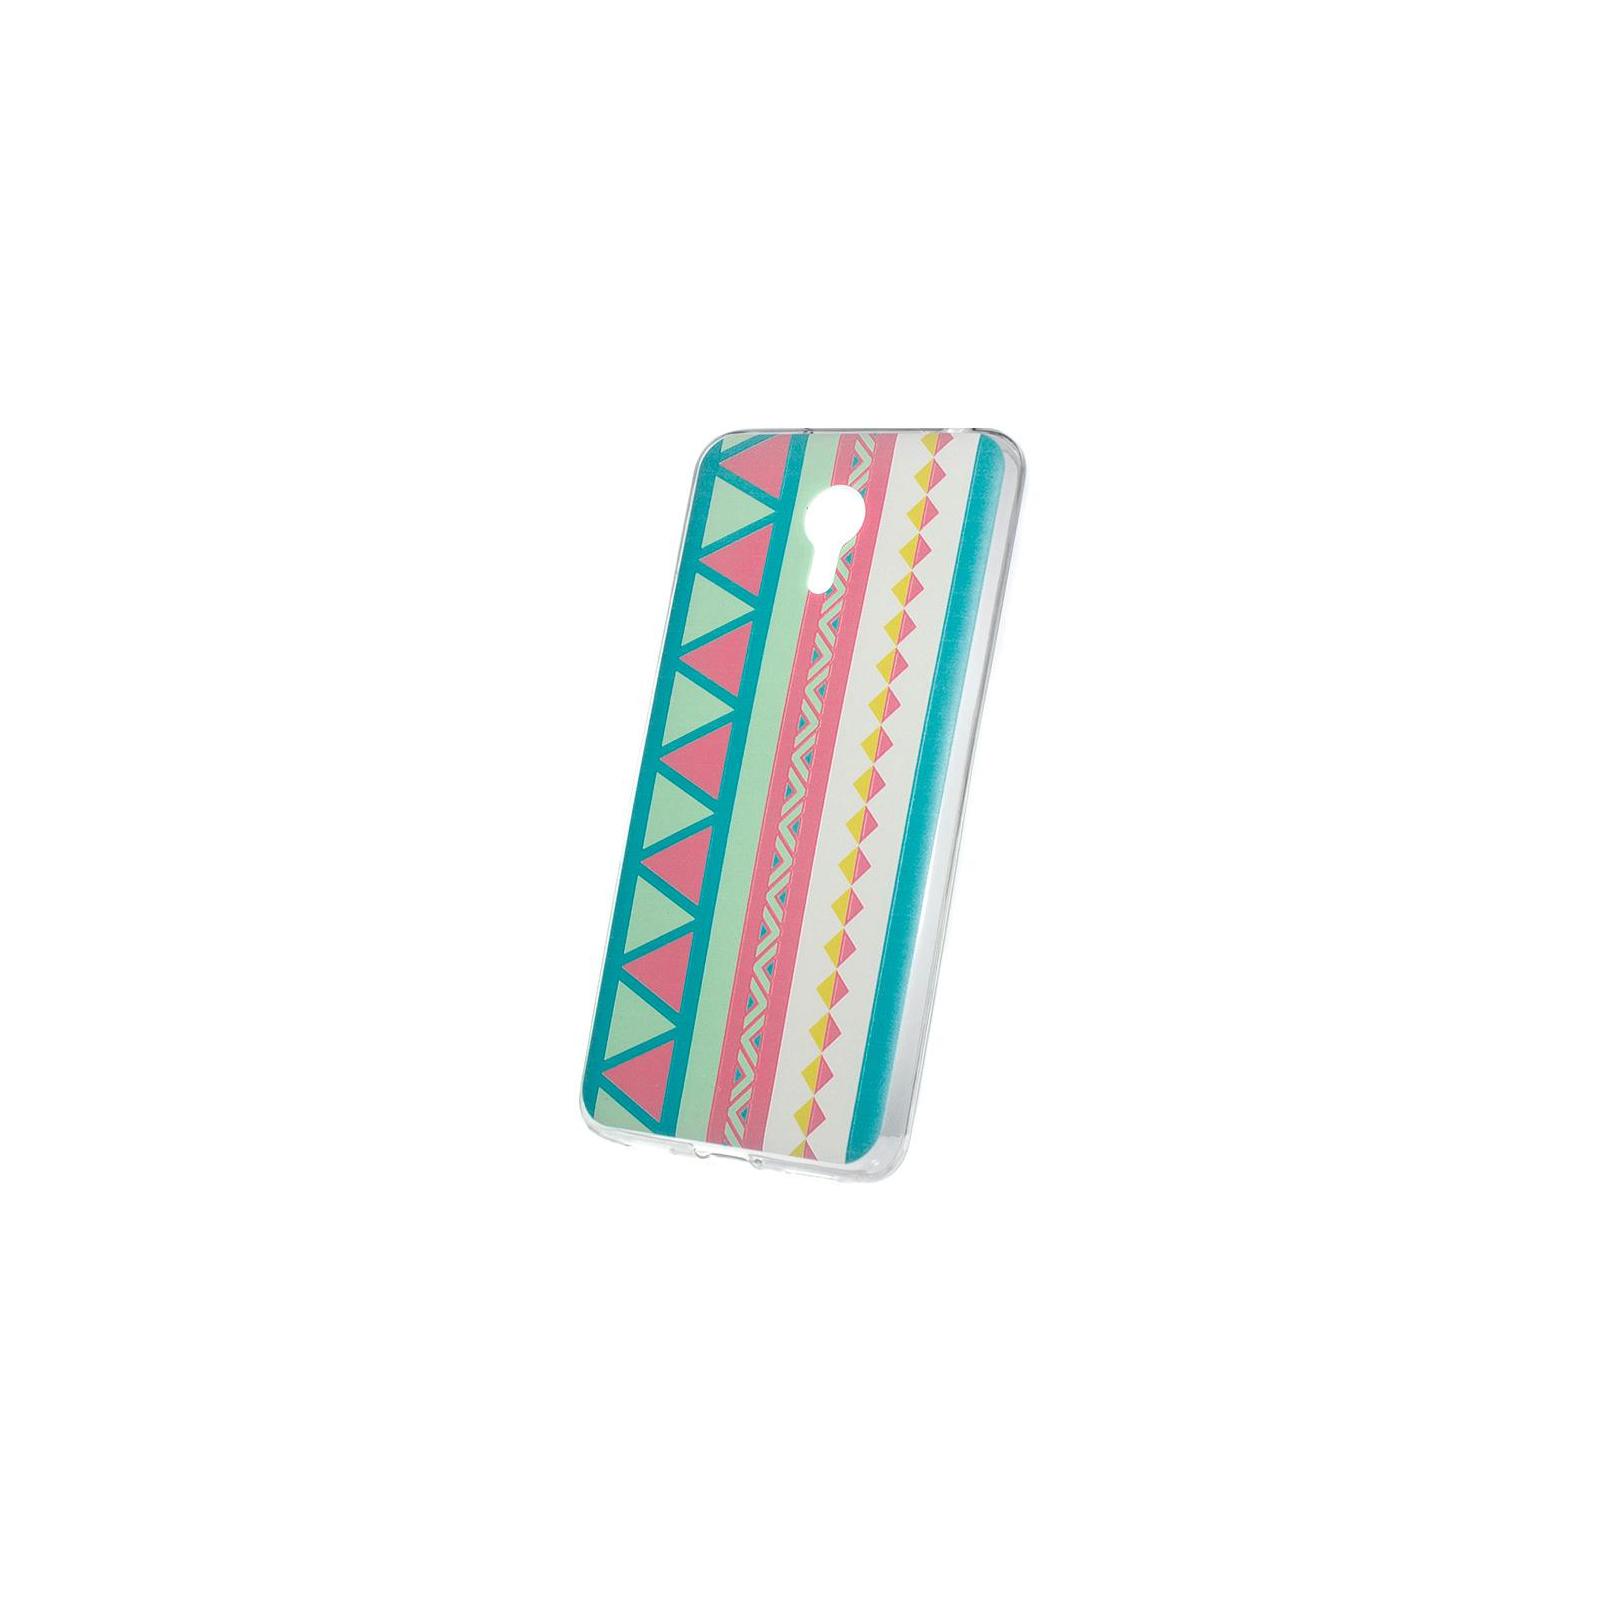 Чехол для моб. телефона Colorway ultrathin TPU case for Meizu M3 Note, pic. Mz081 (CW-CTPMM3N-TPY) изображение 2